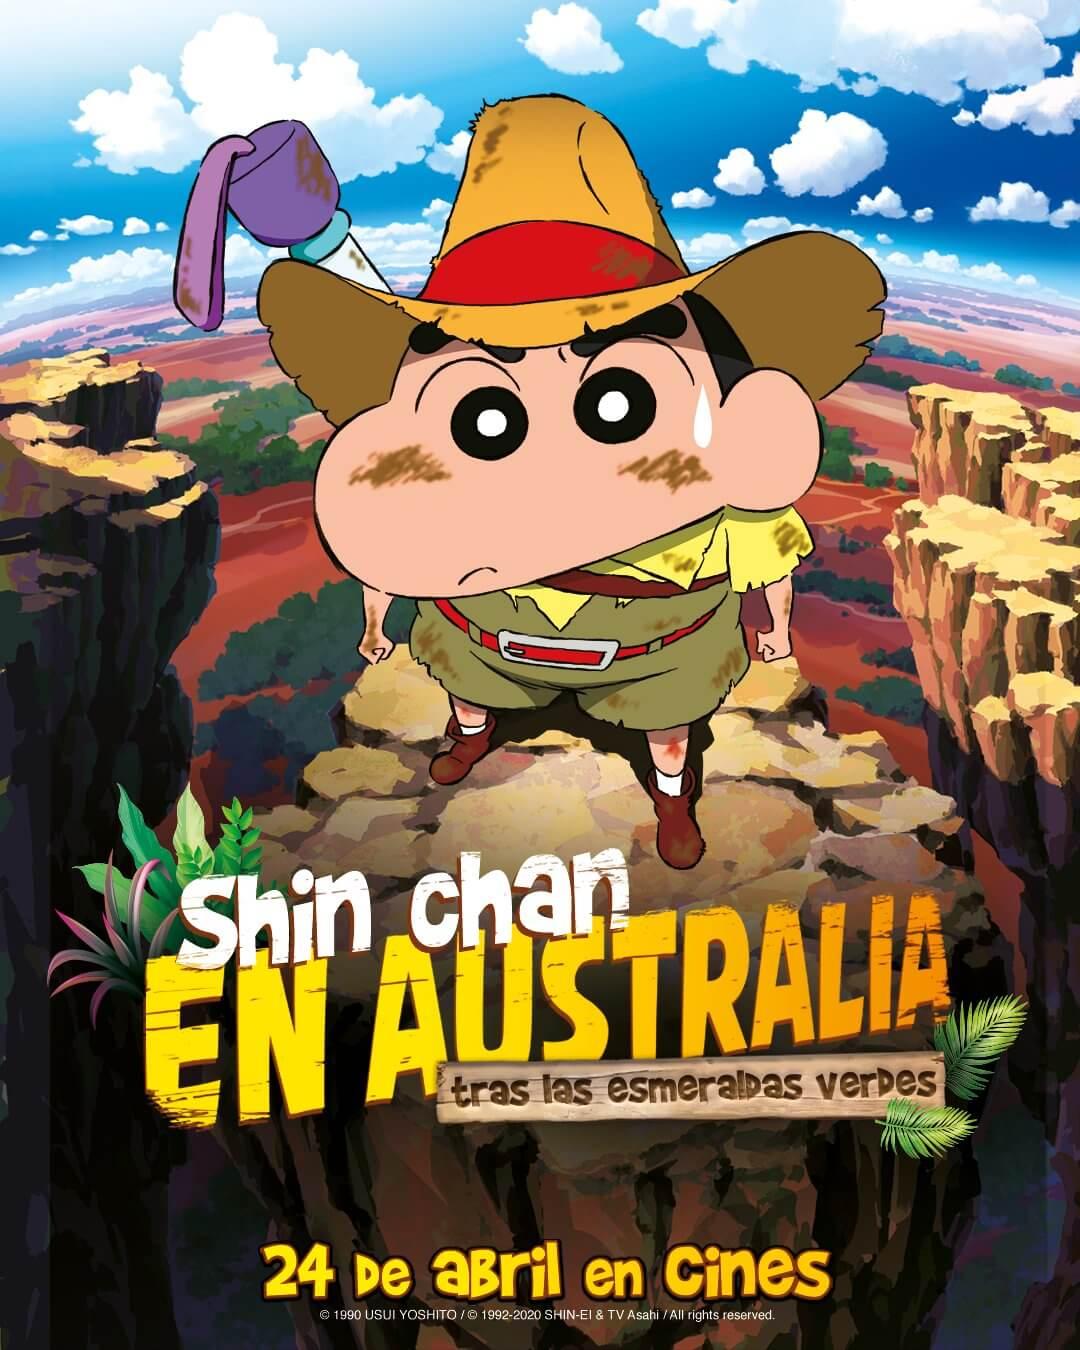 Shin chan 20 aniversario australia